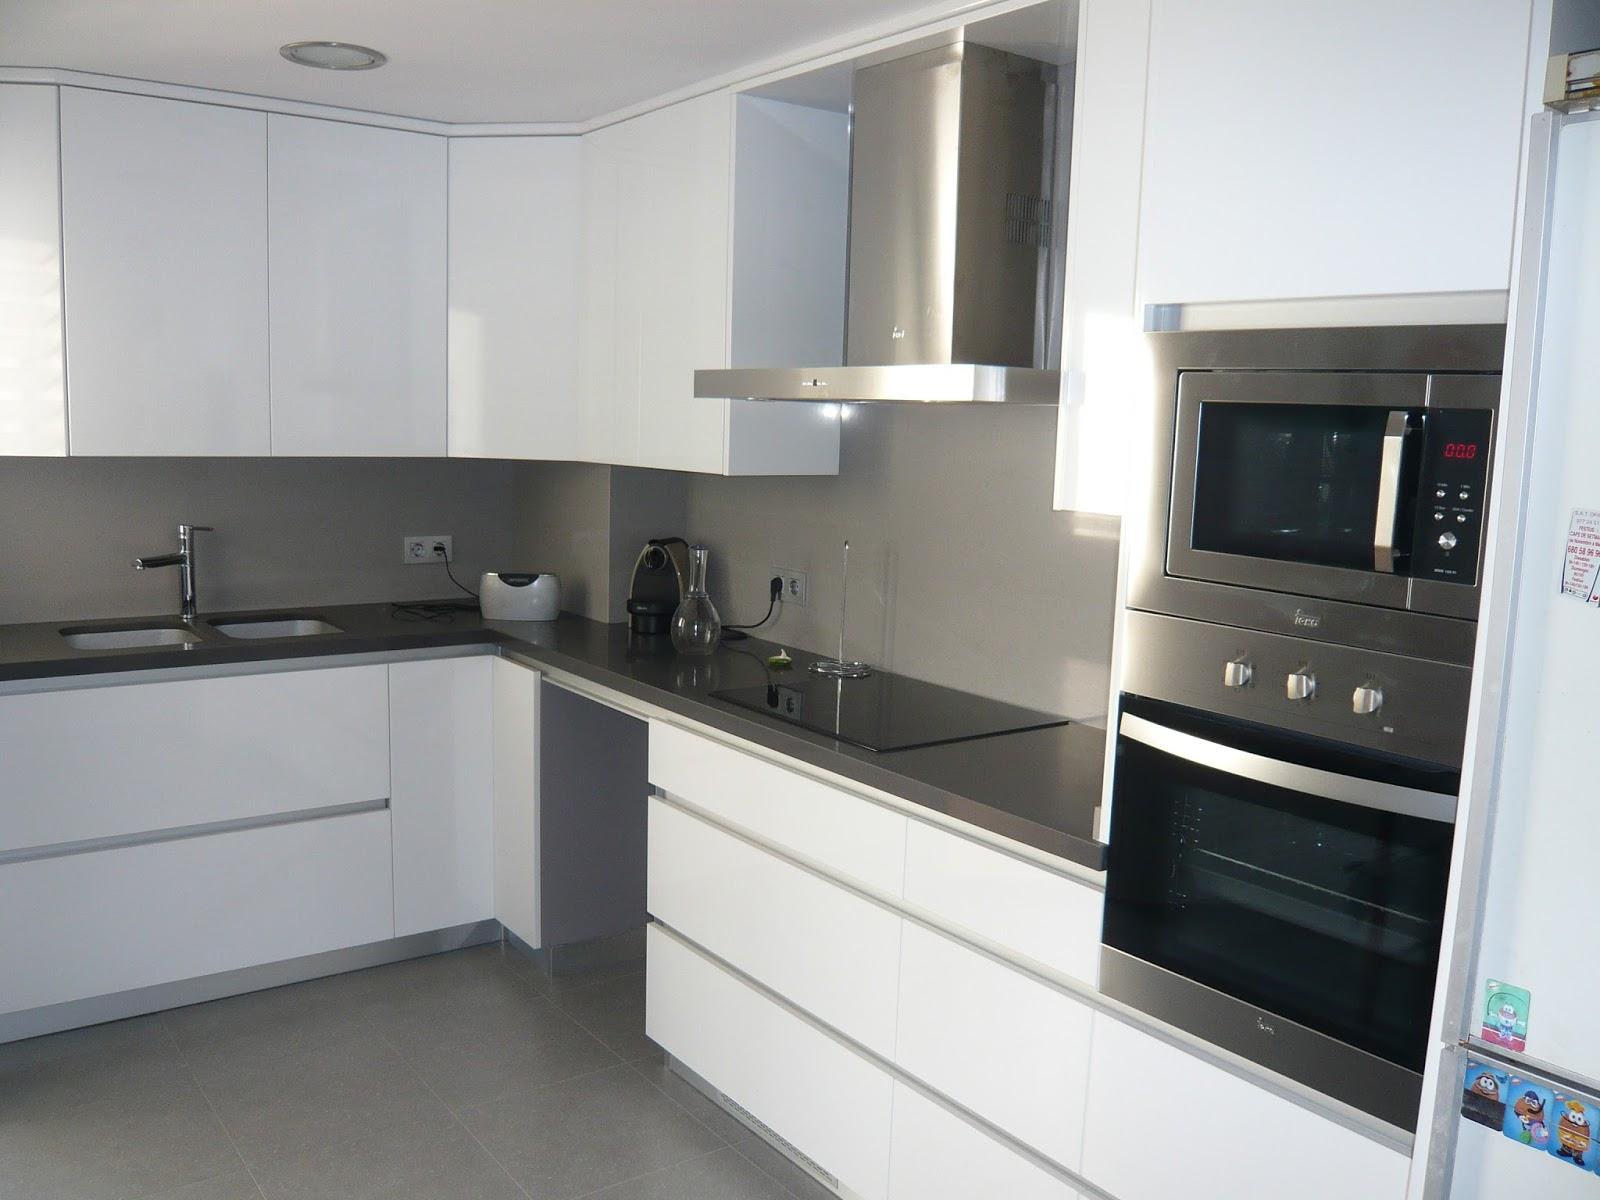 Reuscuina muebles de cocina sin tiradores con vidriera - Tiradores y pomos para muebles ...